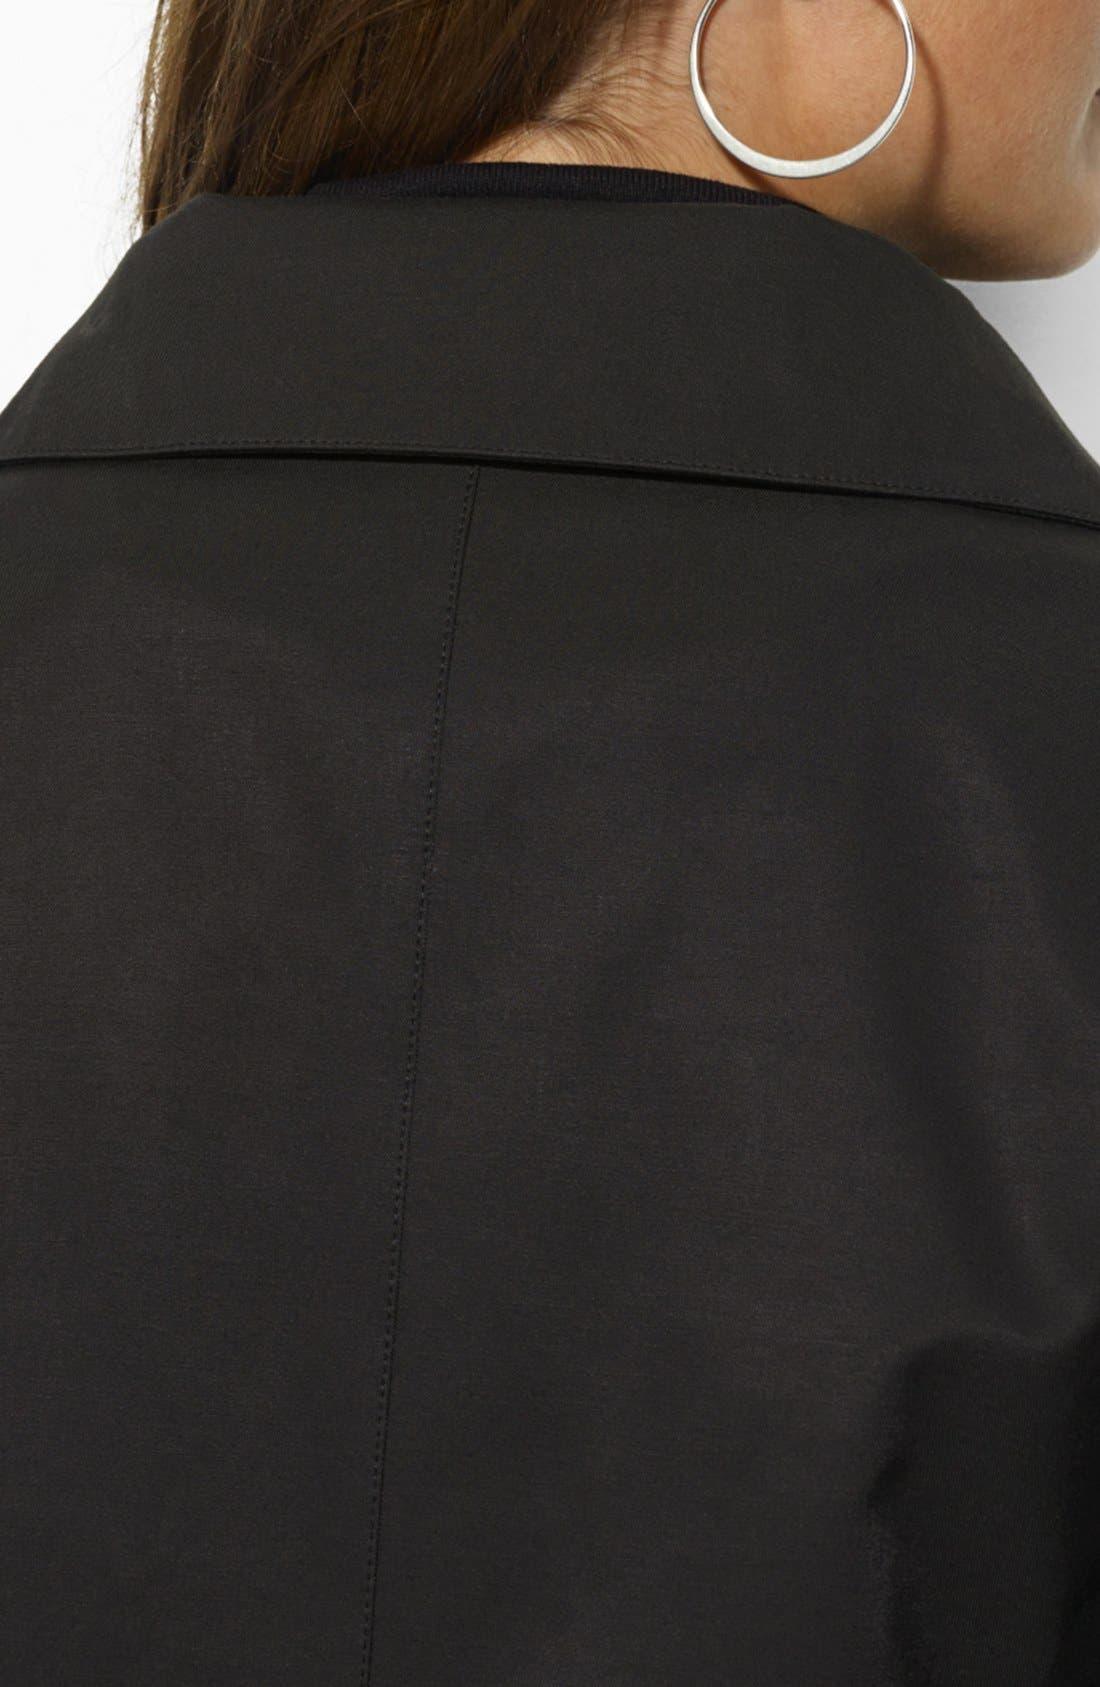 Alternate Image 3  - Lauren Ralph Lauren Rain Jacket with Detachable Hood & Liner (Nordstrom Exclusive)